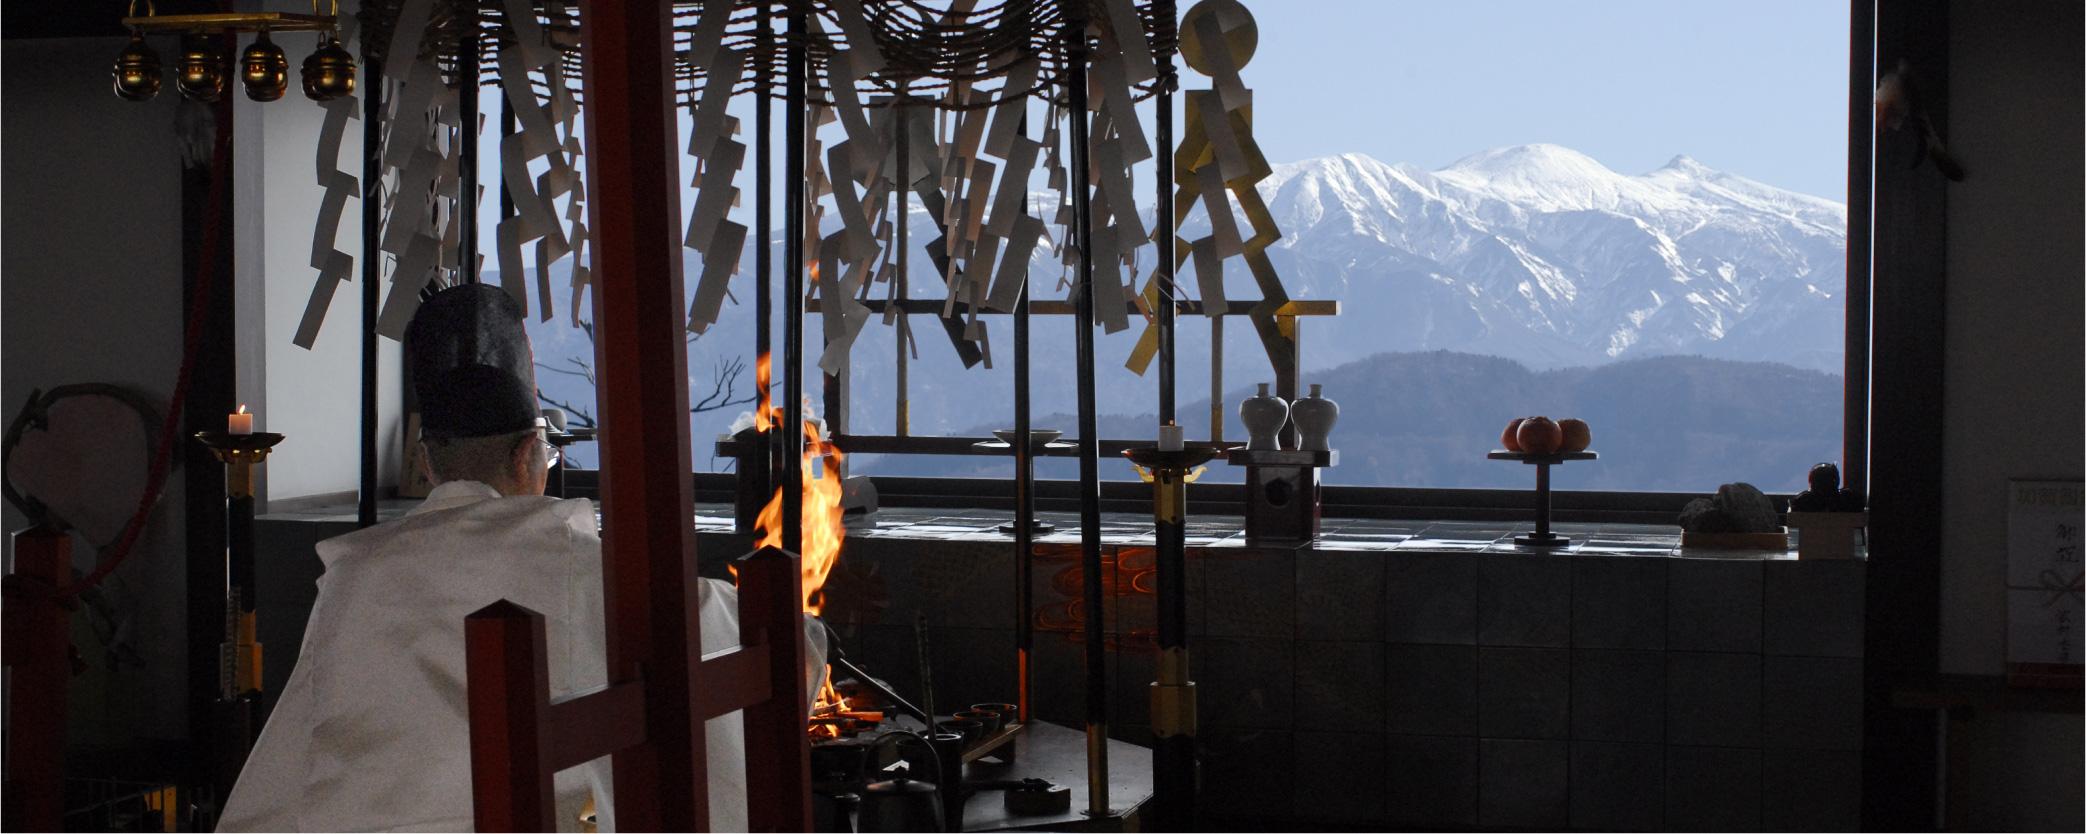 神道火祭り